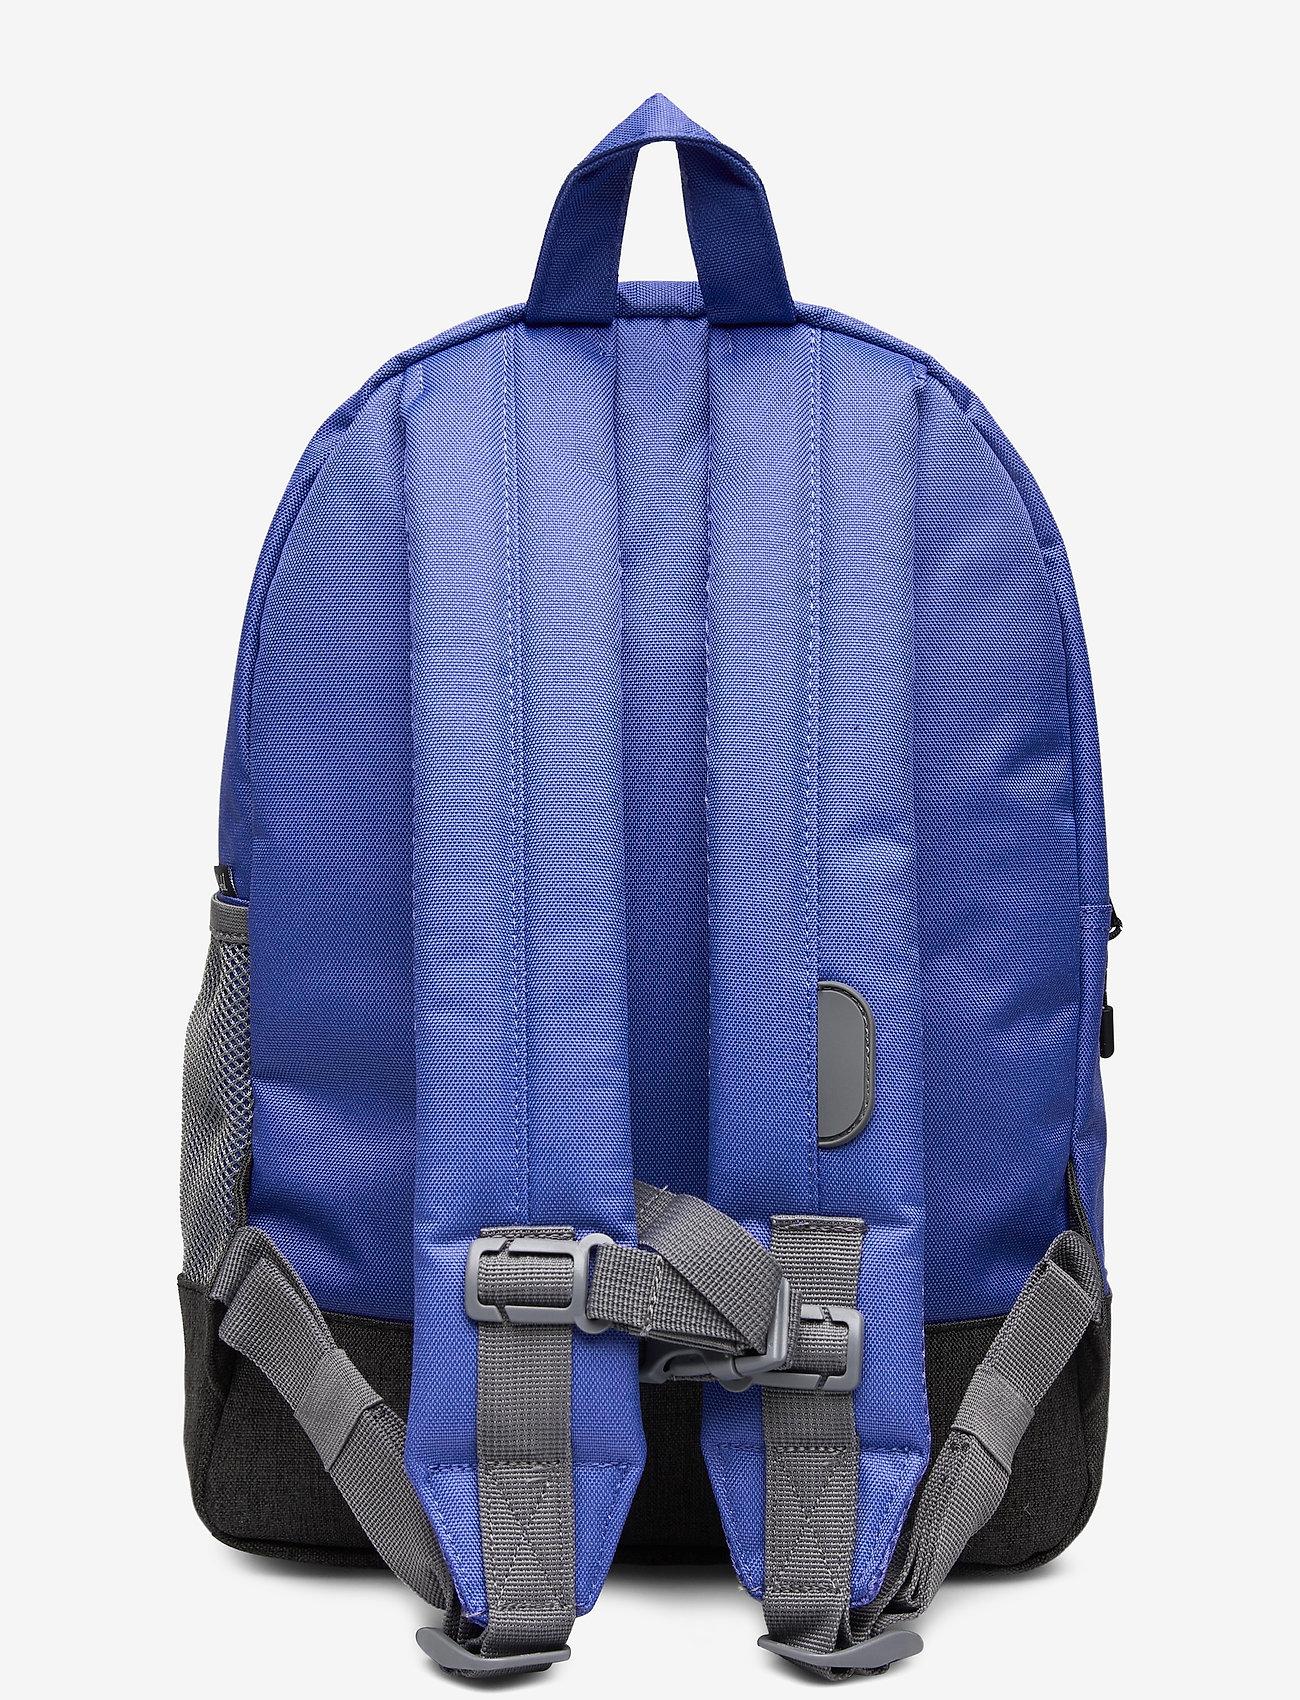 Herschel - Heritage Youth-Amparo Blue/Mid Grey Crosshatch/Bla - reput - amparo blue/mid grey crosshatc